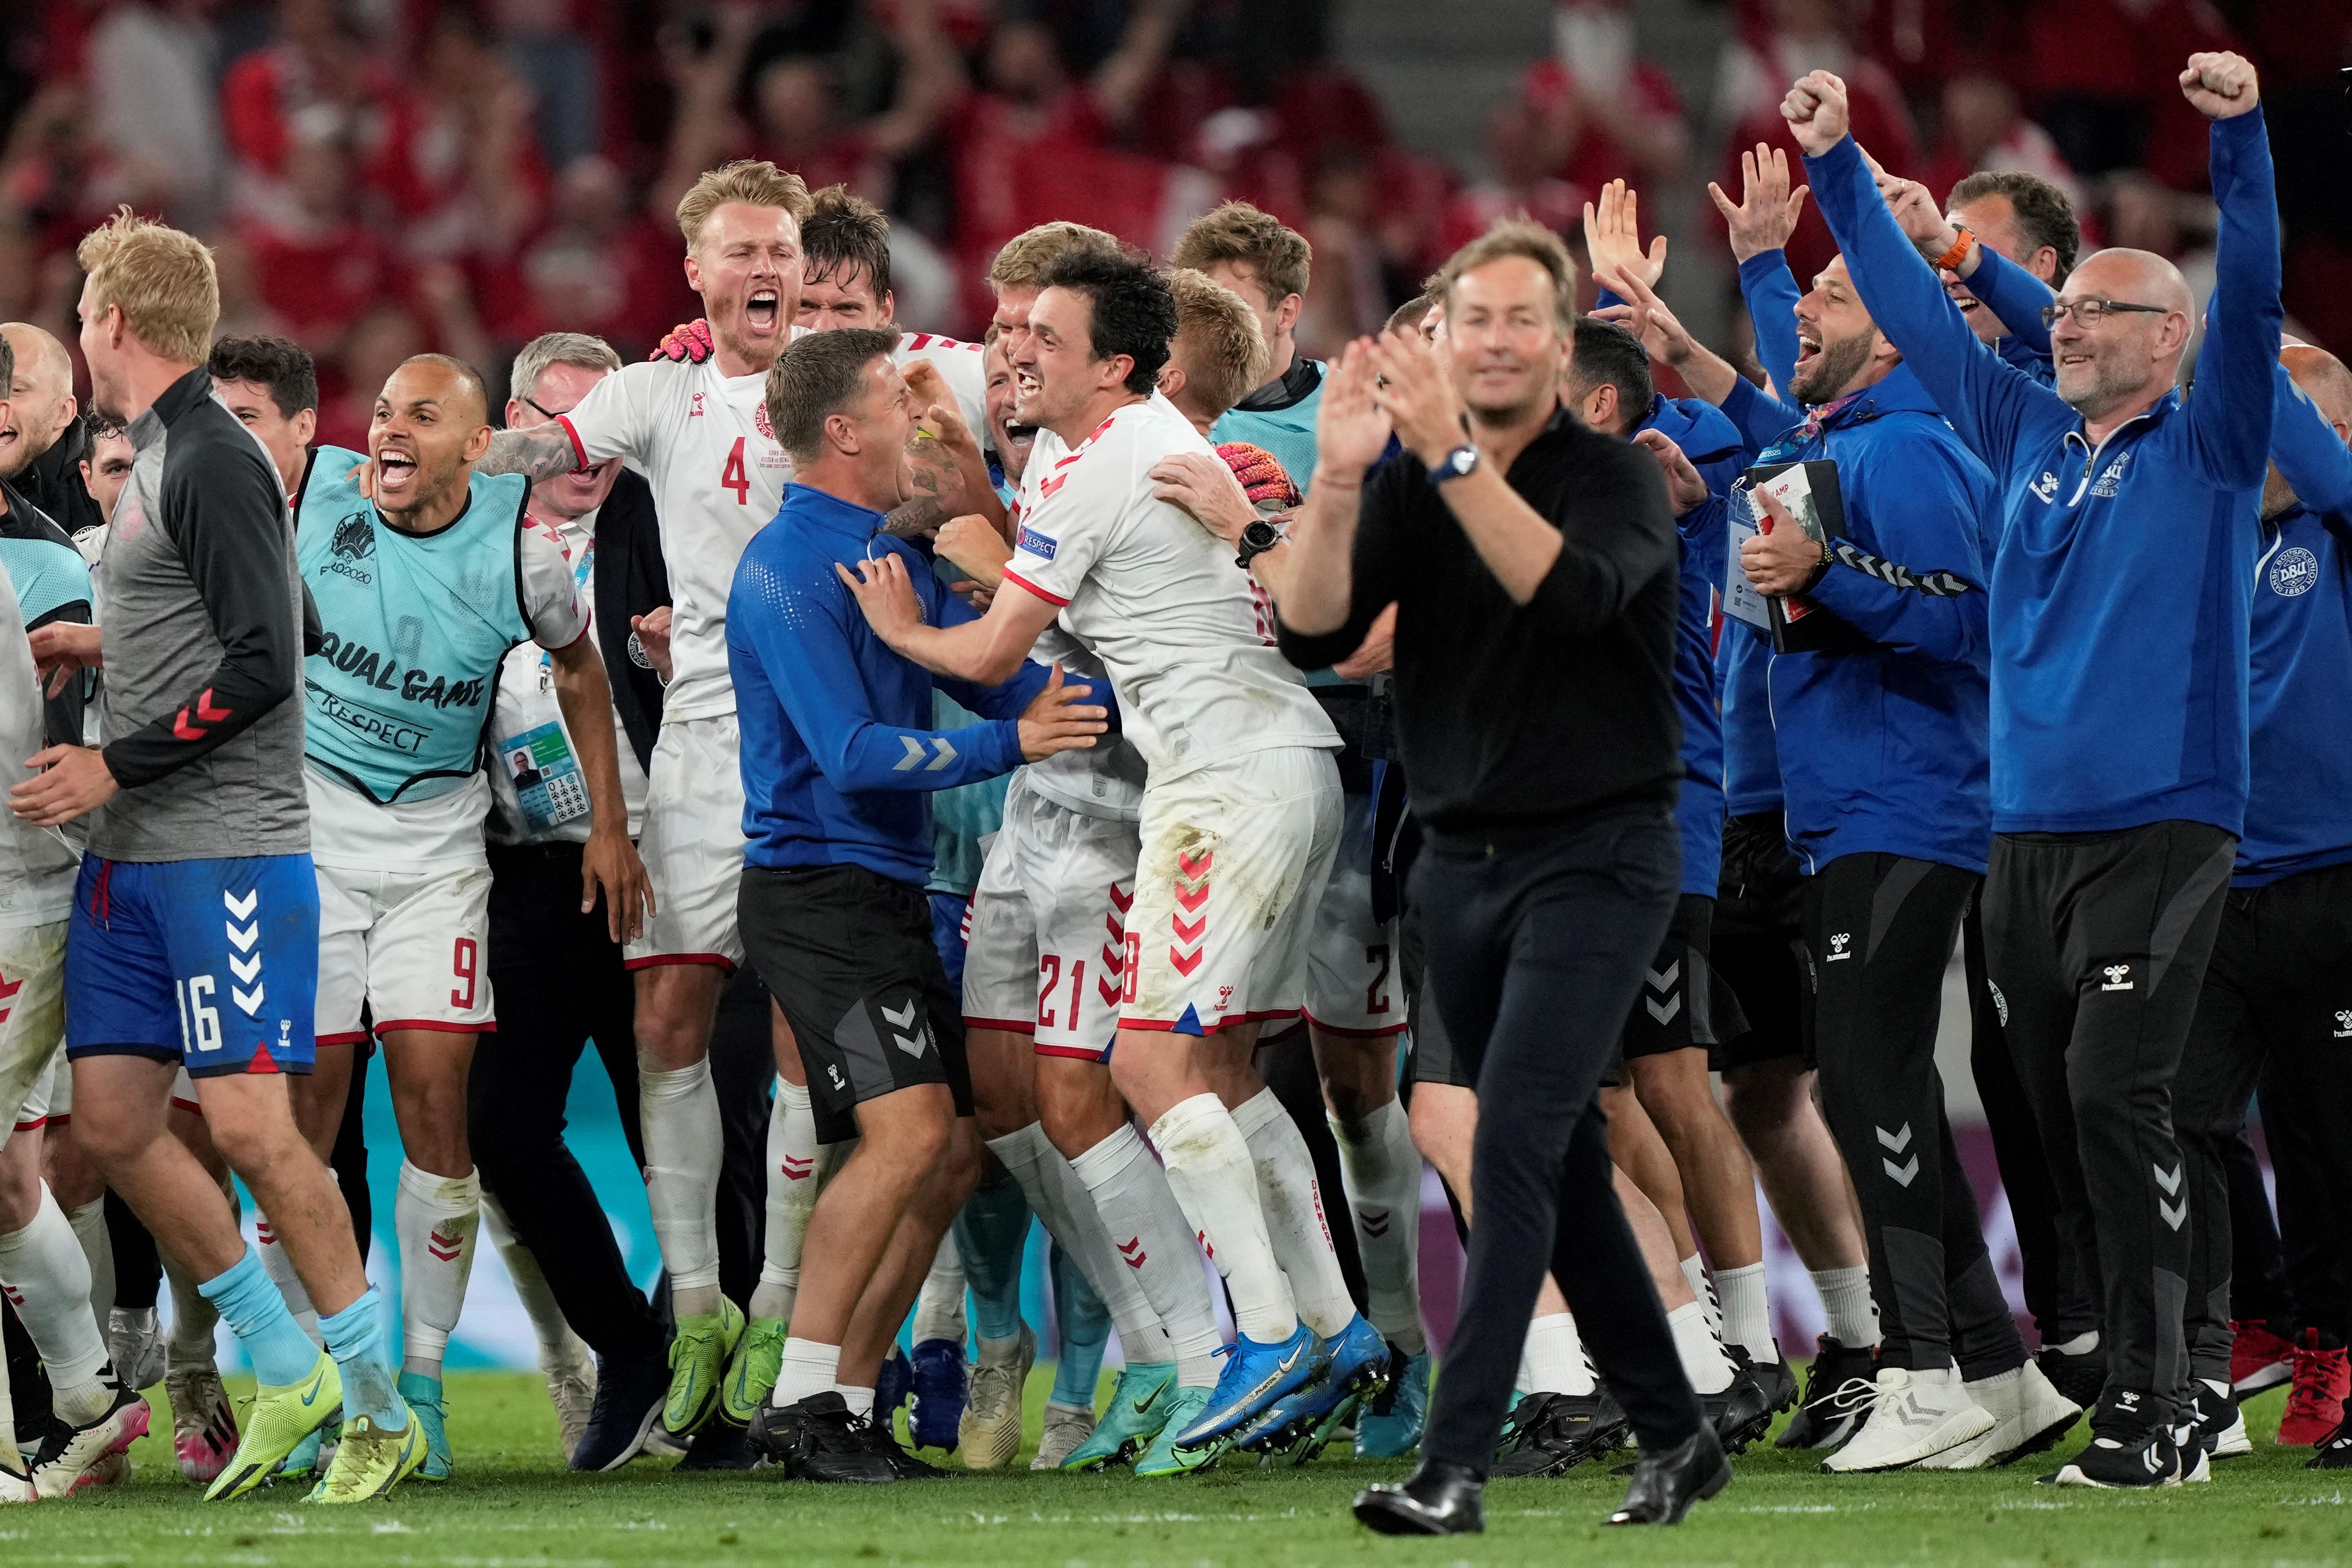 Dánia visszajött a mélyből, és ott van a legjobb 16 között